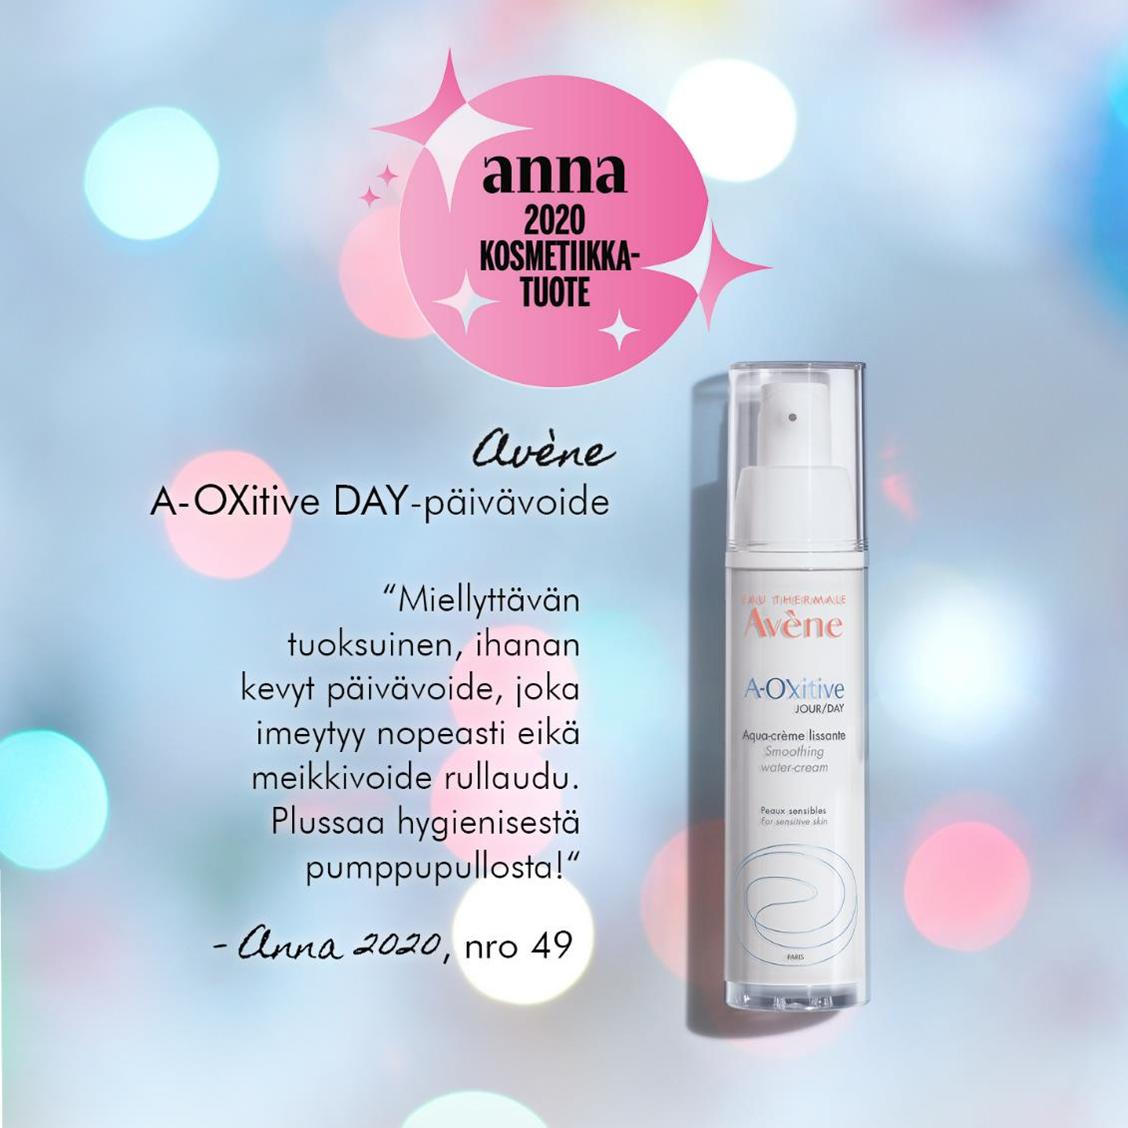 Anna-lehden vuoden 2020 kosmetiikkatuote Avene A-Oxitive